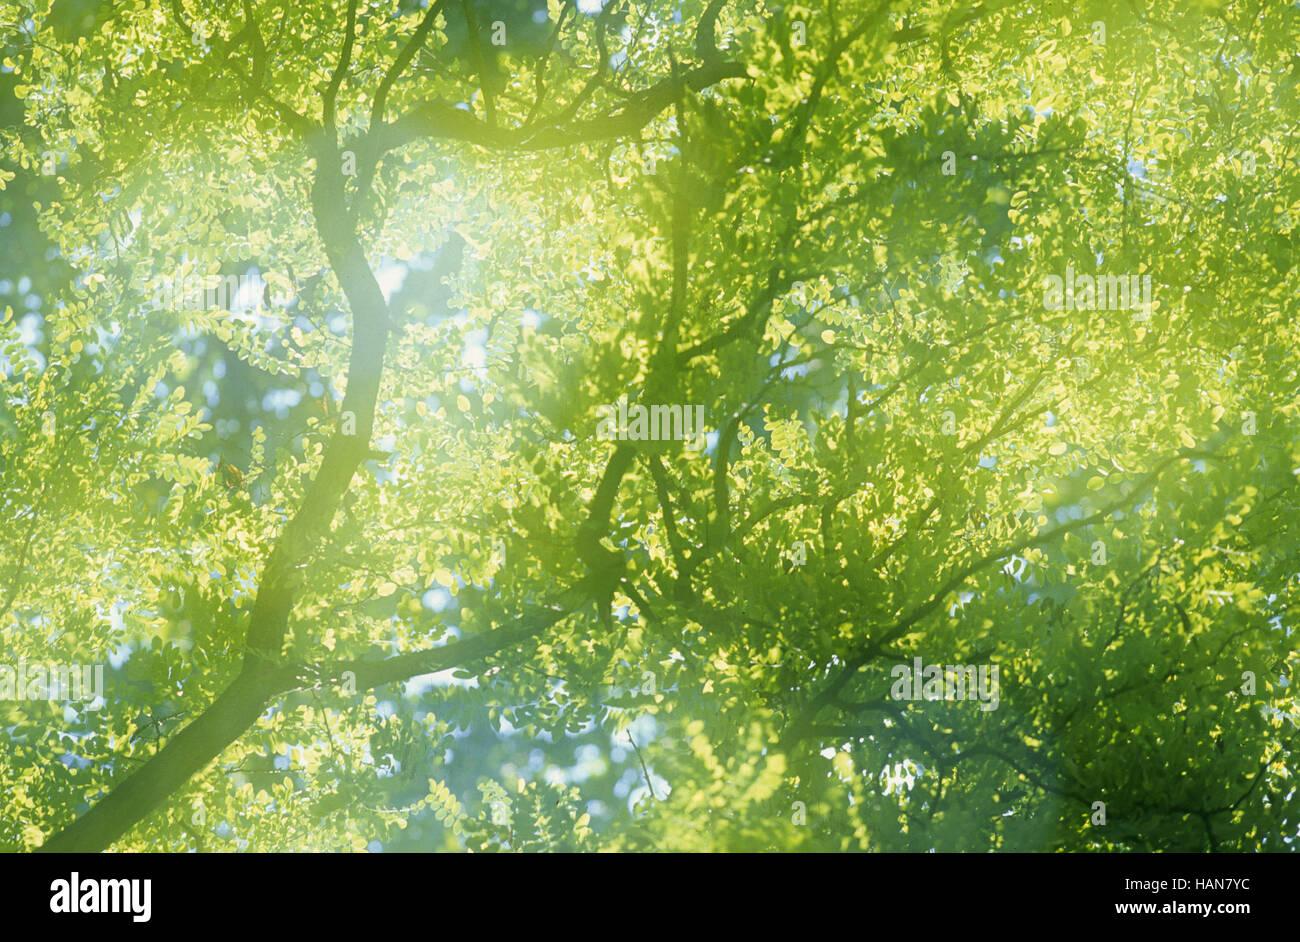 / Baumkrone Tree Top Imagen De Stock